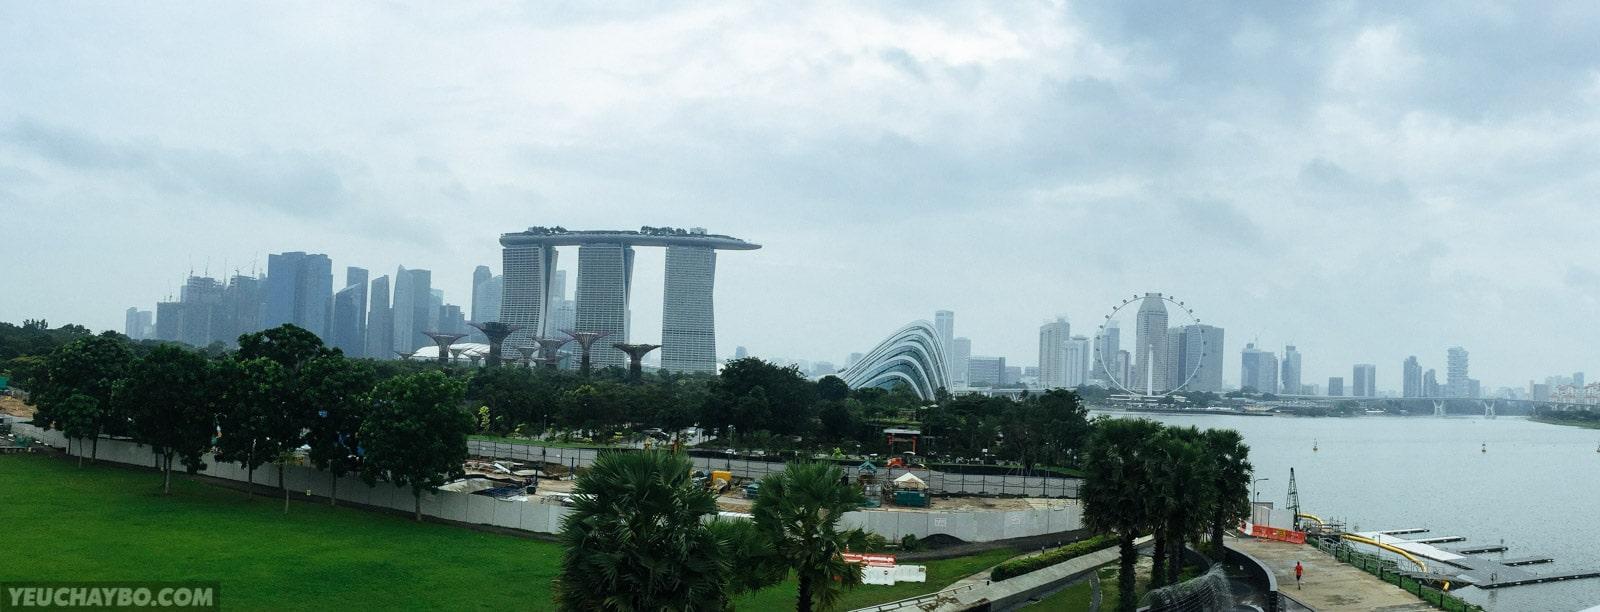 Từ Marina Barrage có thể nhìn thấy toàn cảnh Gardens by The Bays và khu vực trung tâm của Singapore